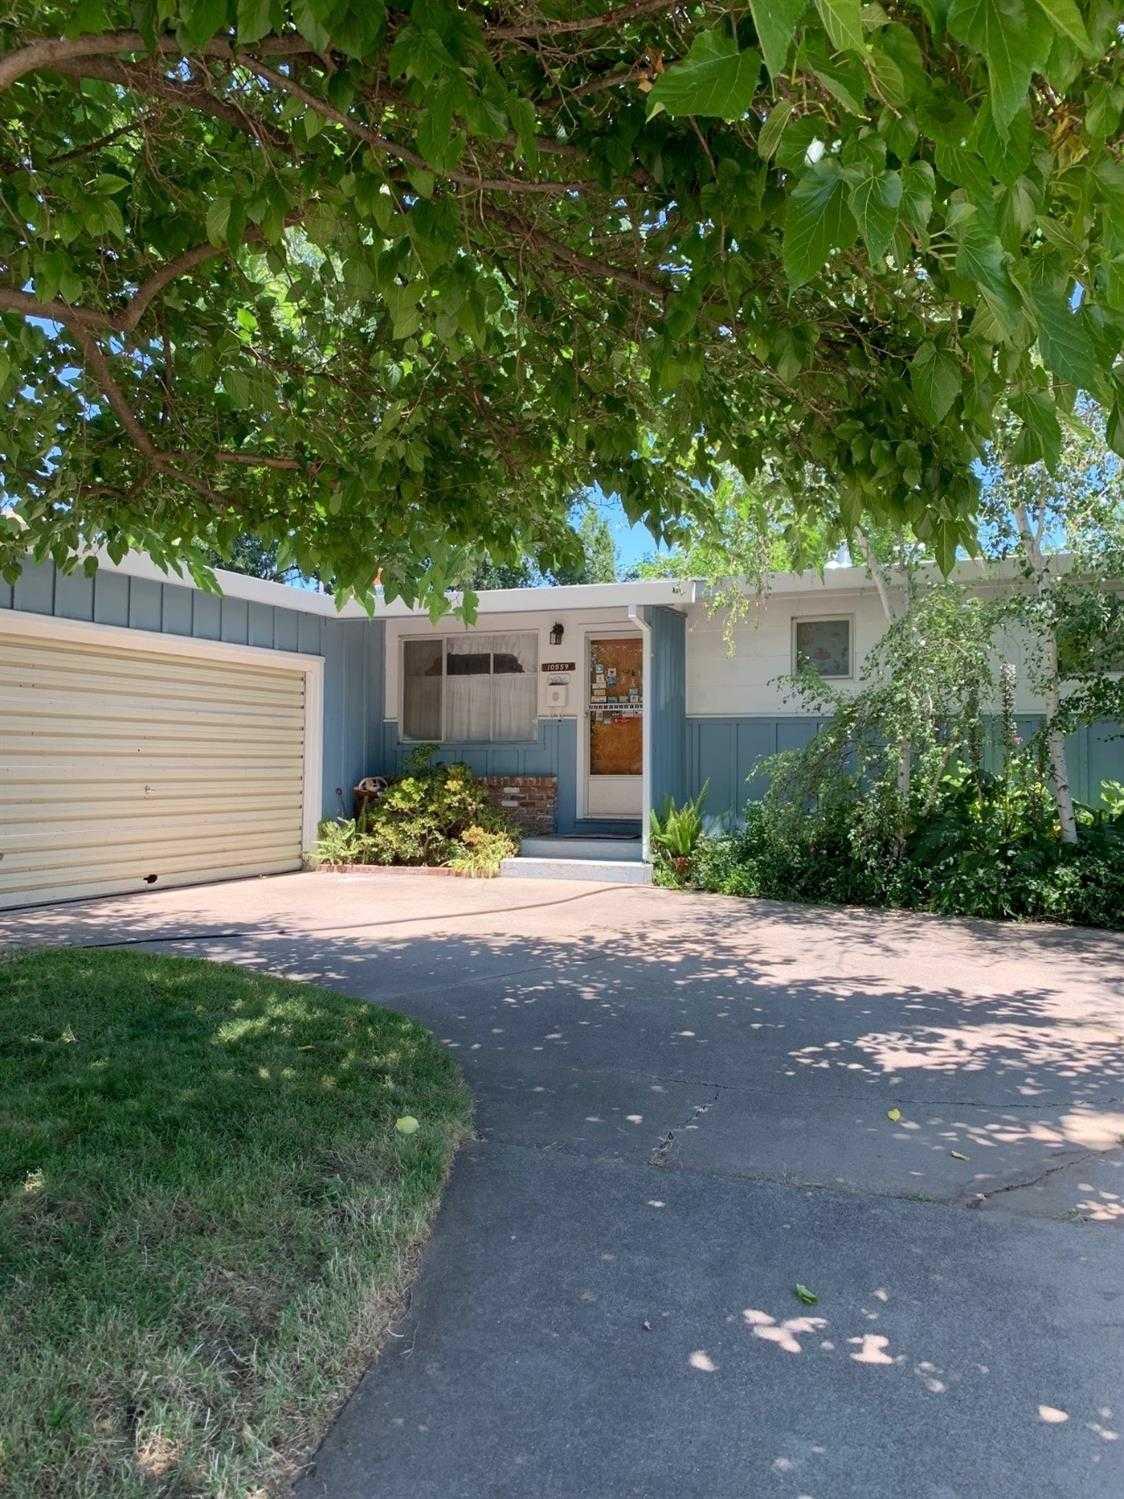 $300,000 - 3Br/2Ba -  for Sale in Rancho Cordova